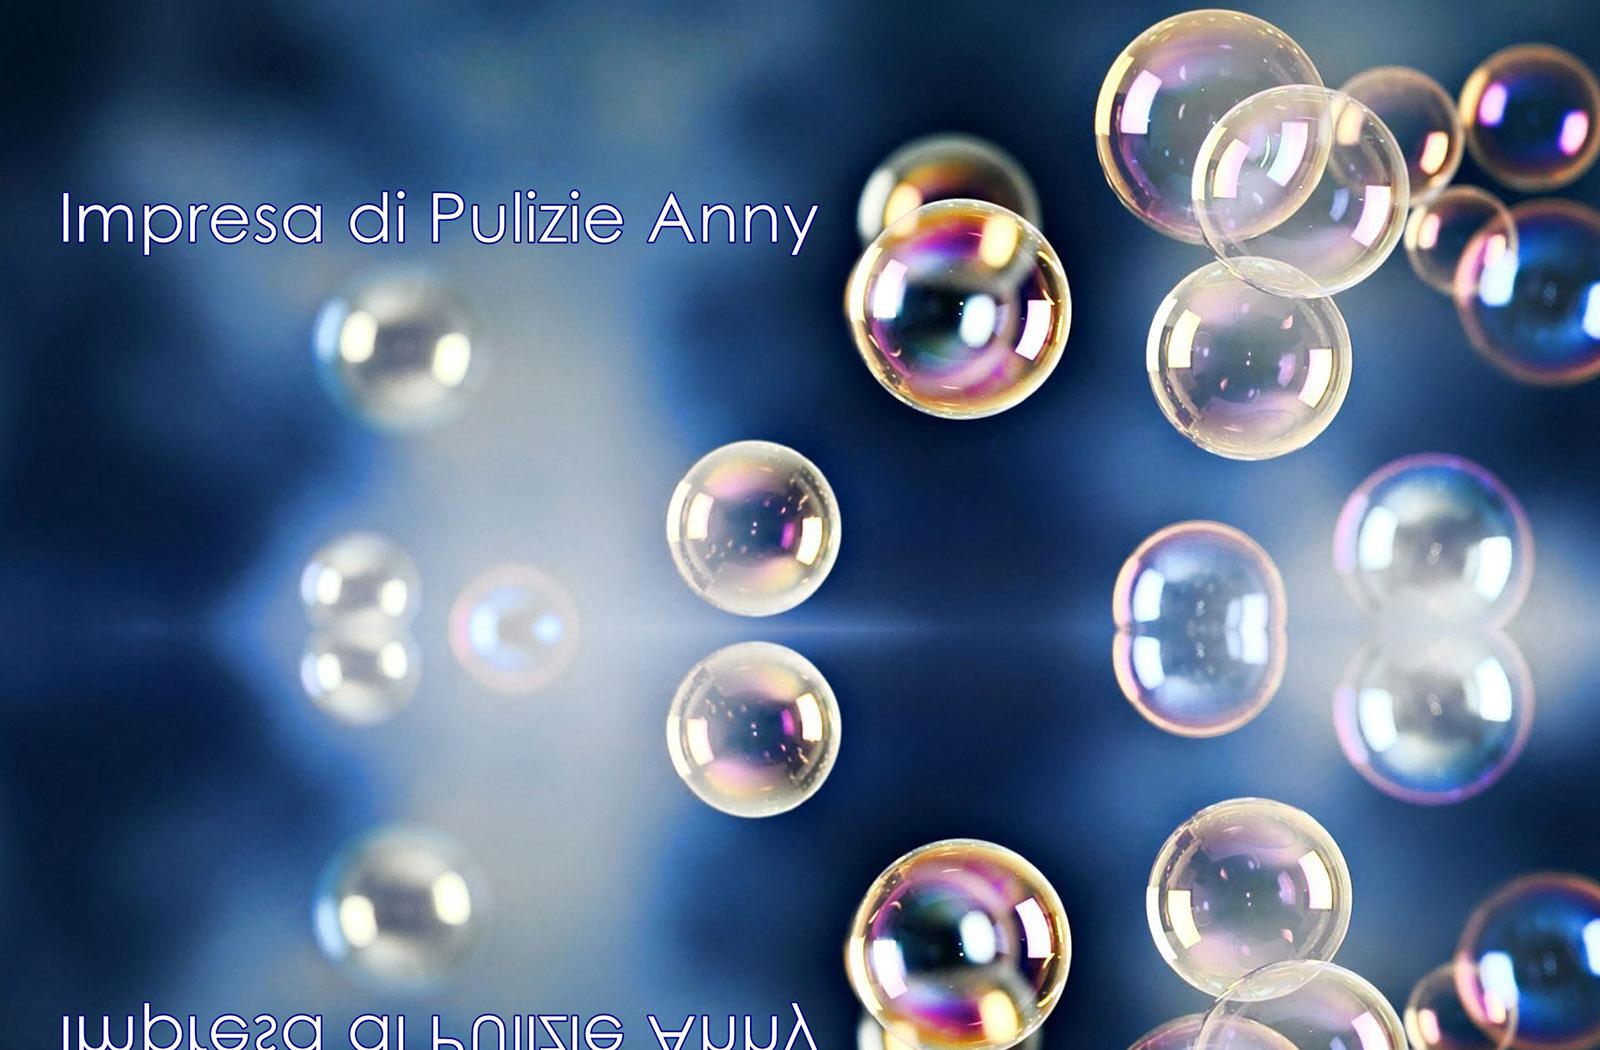 Impresa di Pulizie Como - Impresa di Pulizie a Como. Contattaci ora per avere tutte le informazioni inerenti a Impresa di Pulizie Como, risponderemo il prima possibile.